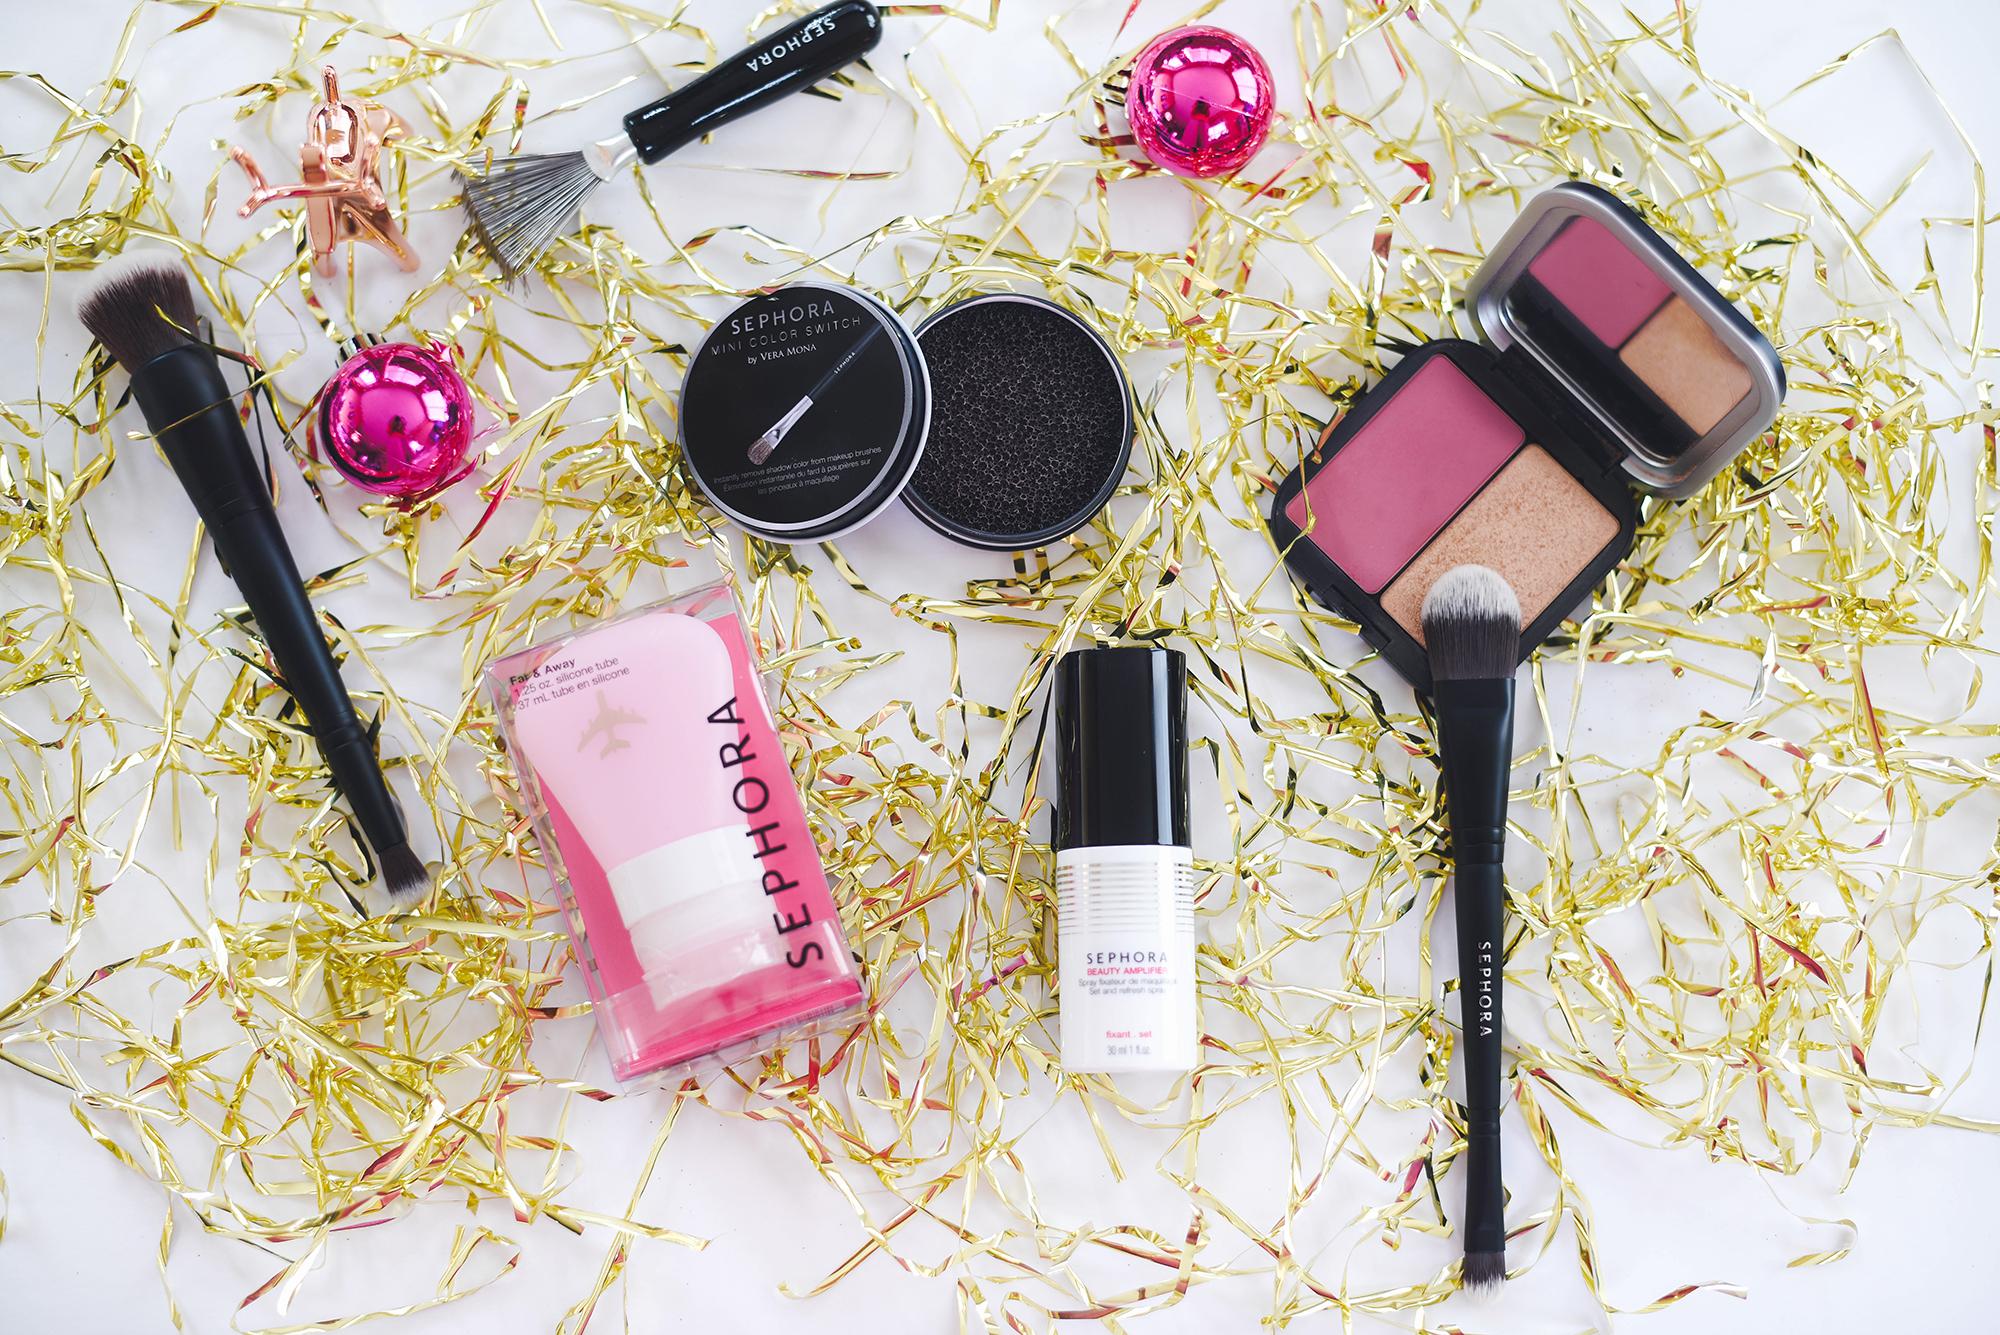 Makeup Forever Blush, Makeup Forever Highlight, Sephora brand